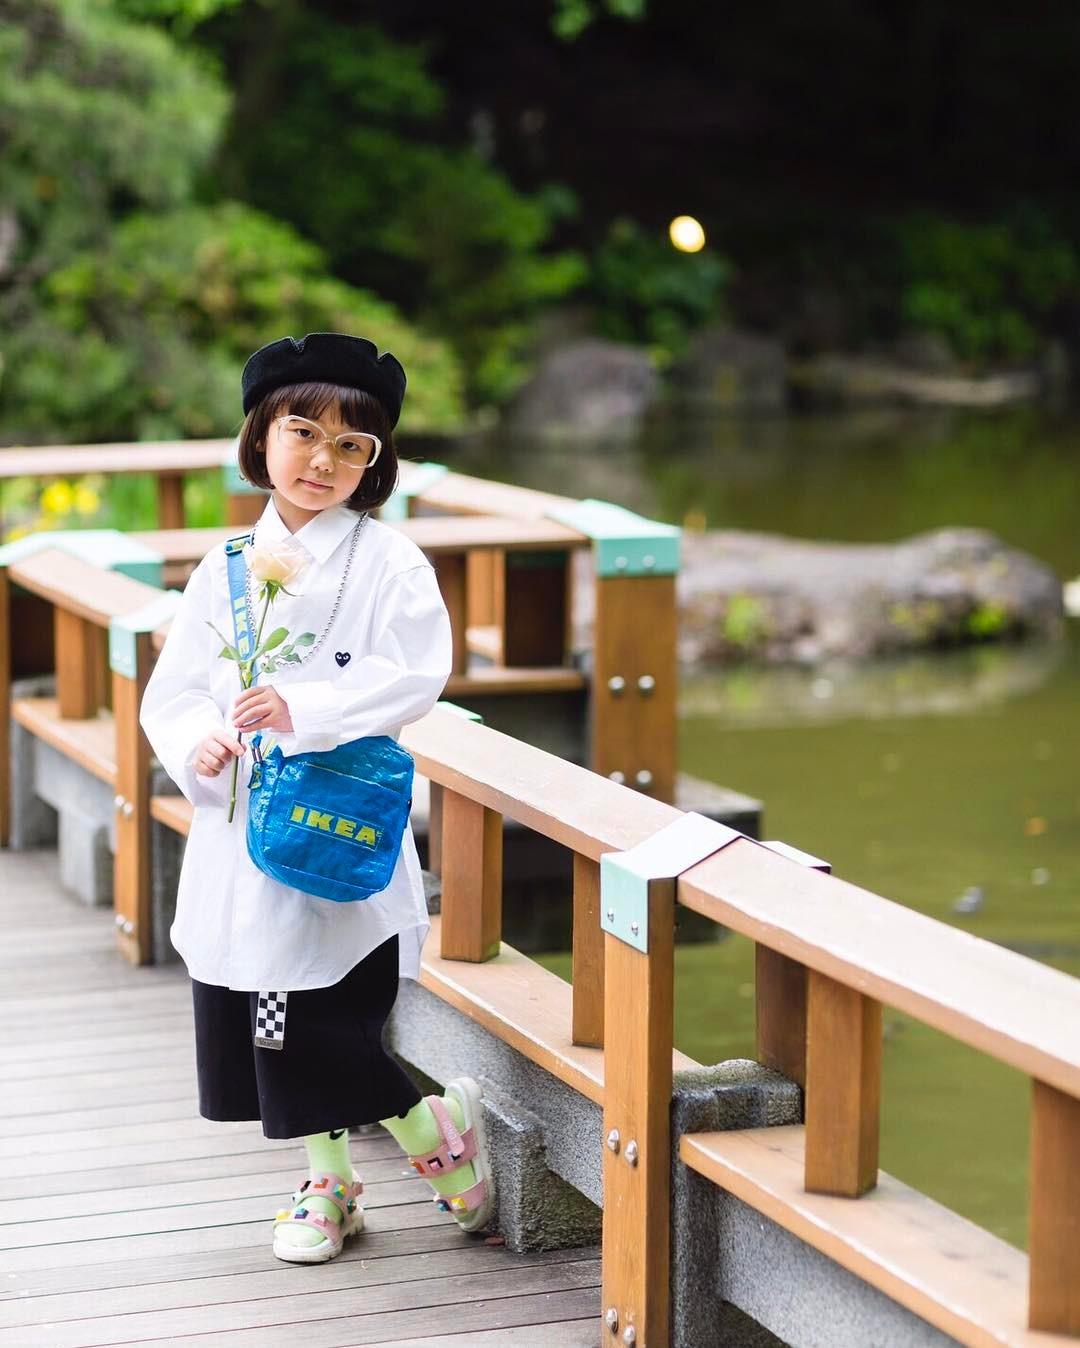 Mix đồ đẹp hơn người lớn, luôn đeo kính cực ngầu, cô bé này chính là fashion icon nhí chất nhất Nhật Bản - Ảnh 8.